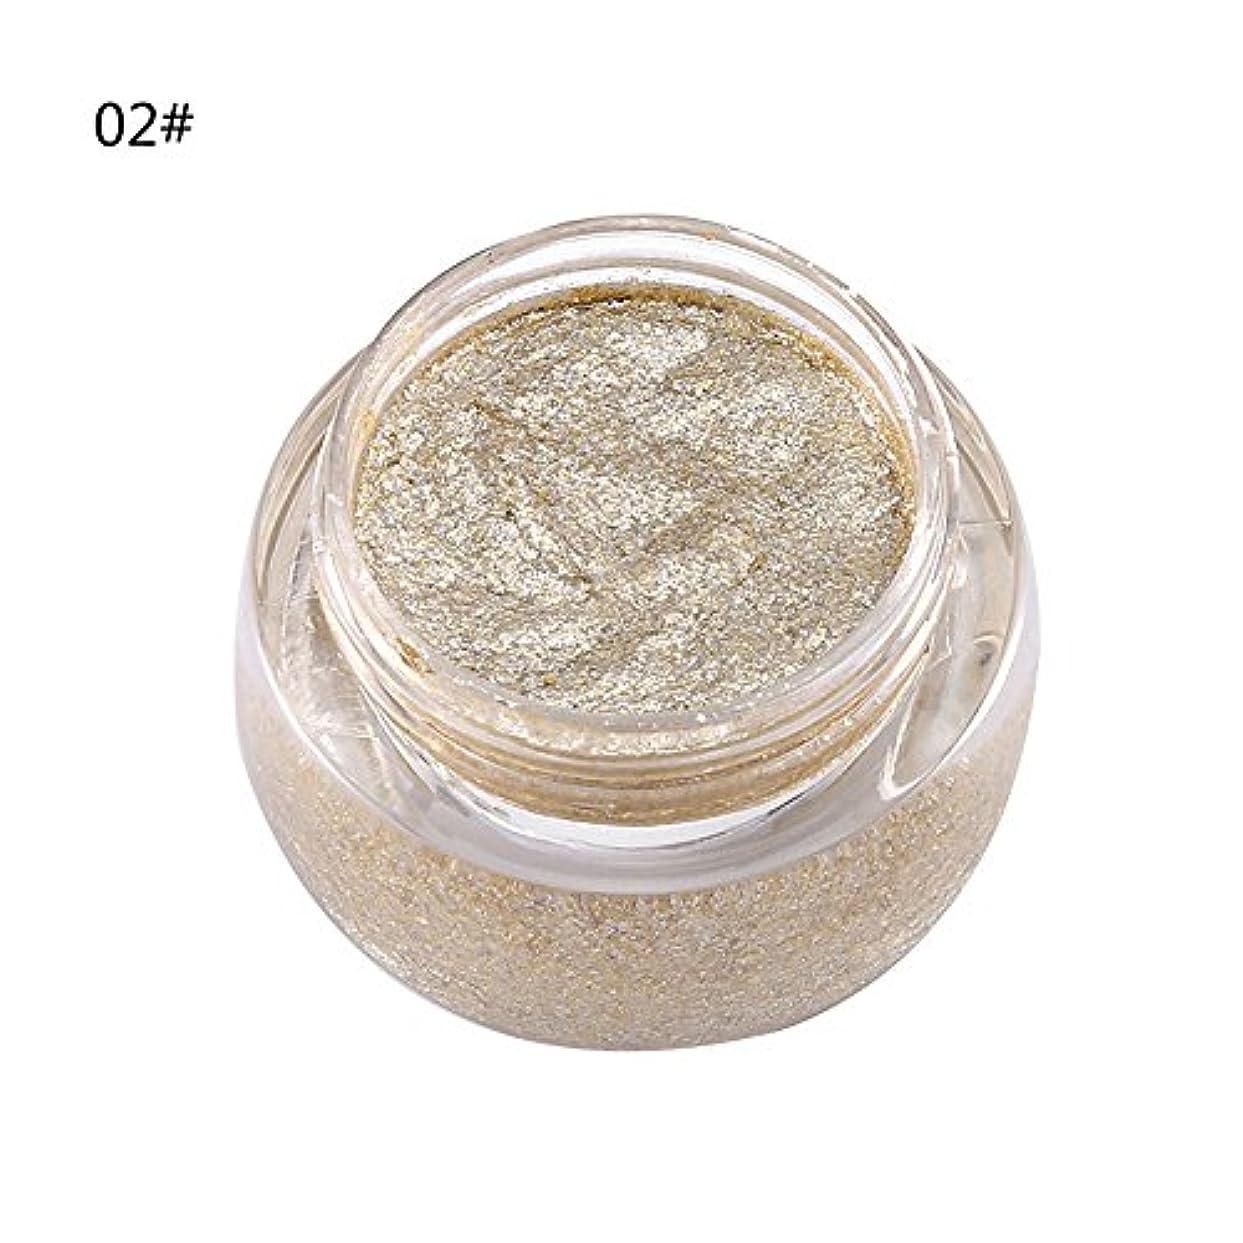 求人脳犯罪アイシャドウ 単色 化粧品 光沢 保湿 キラキラ 美しい タイプ 02